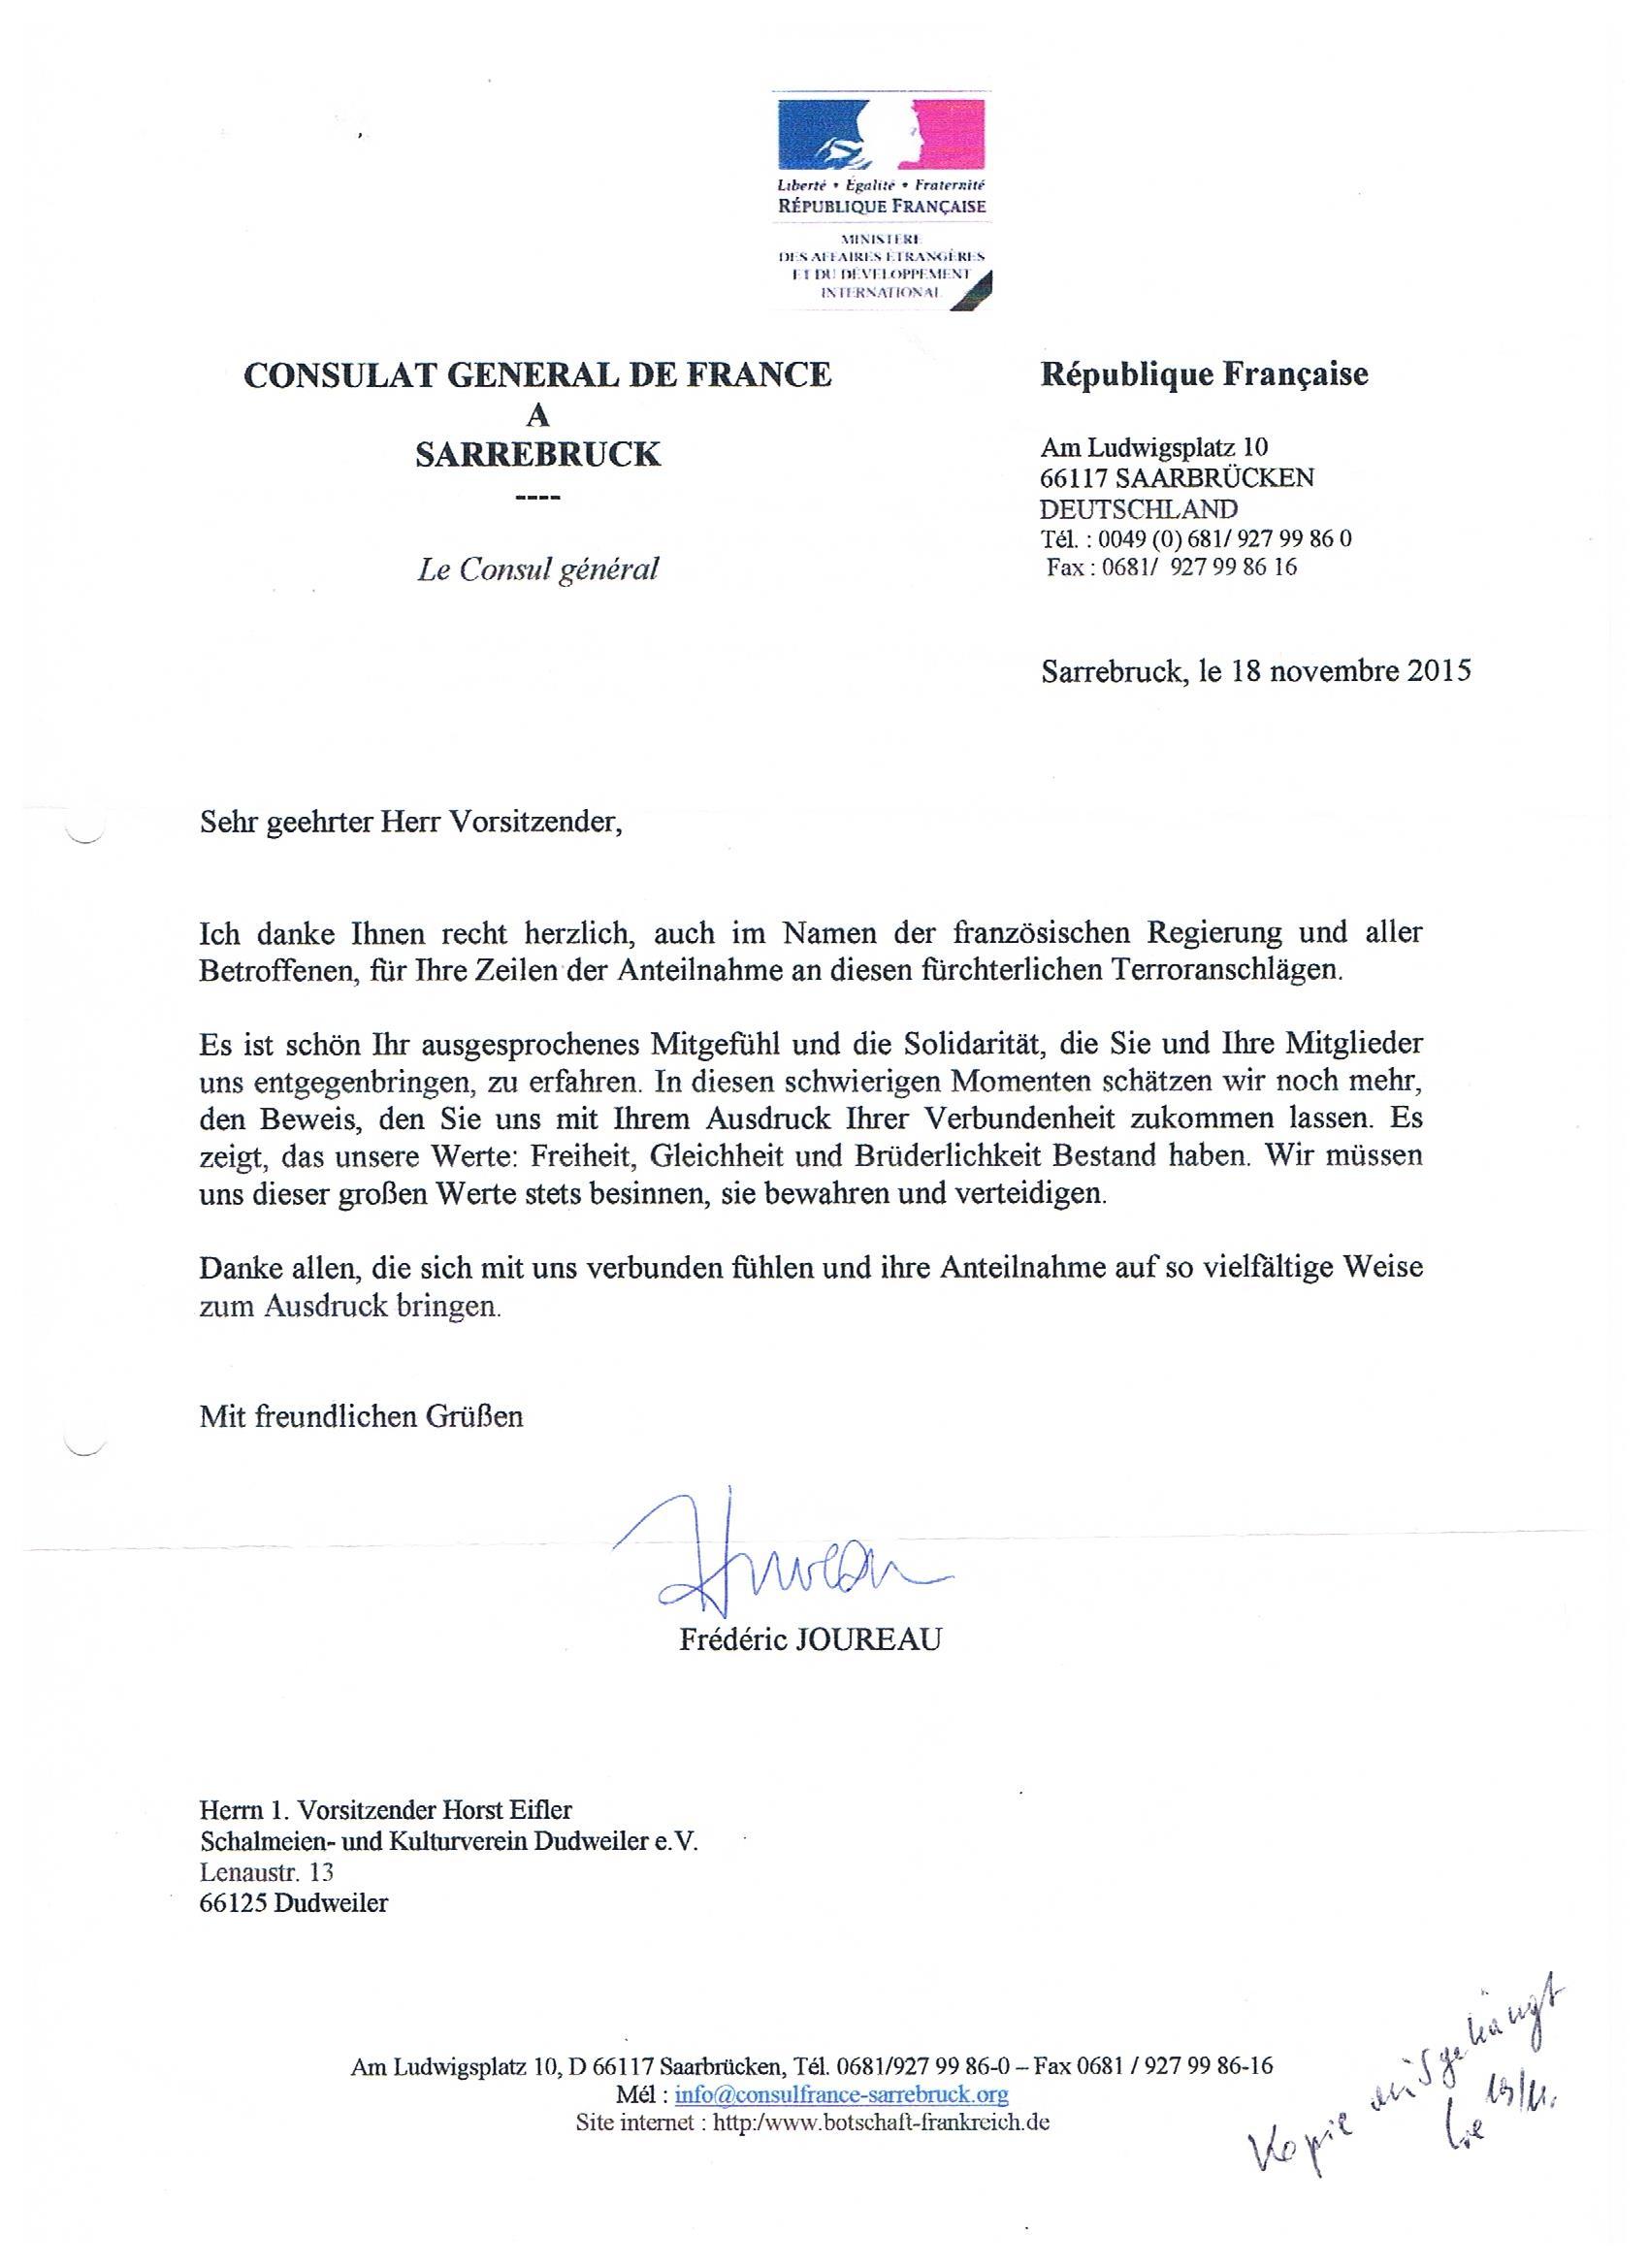 Antwort des französischen Generalkonsulates